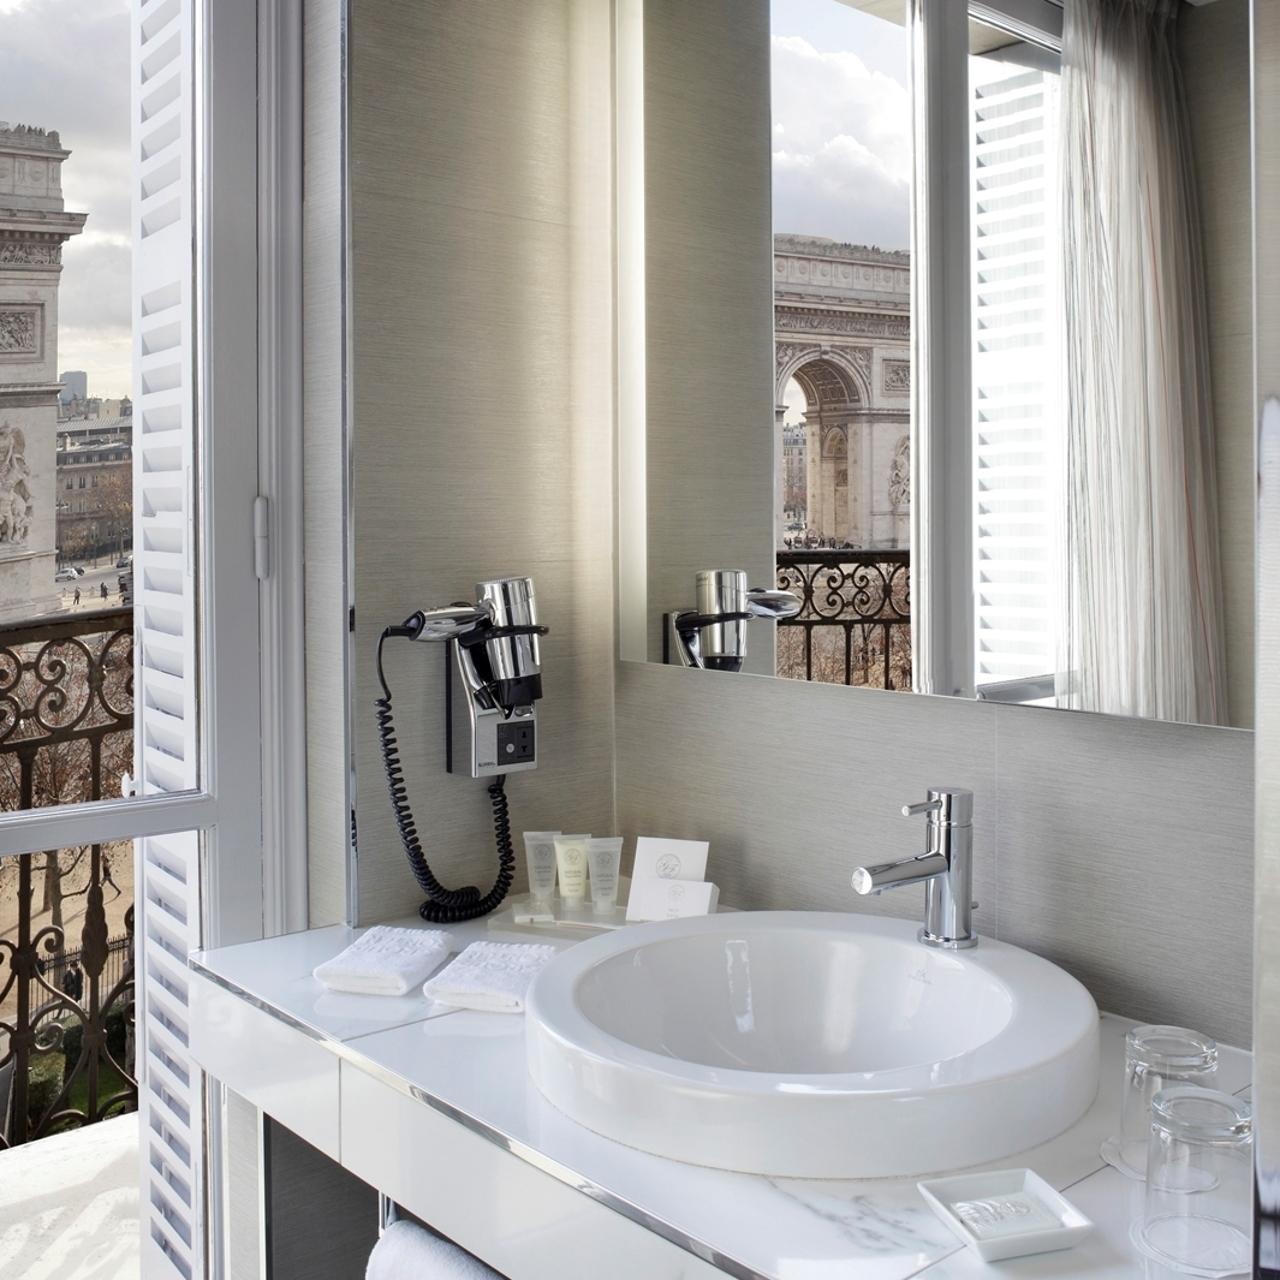 Splendid Etoile Hotel Paris île De France At Hrs With Free Services